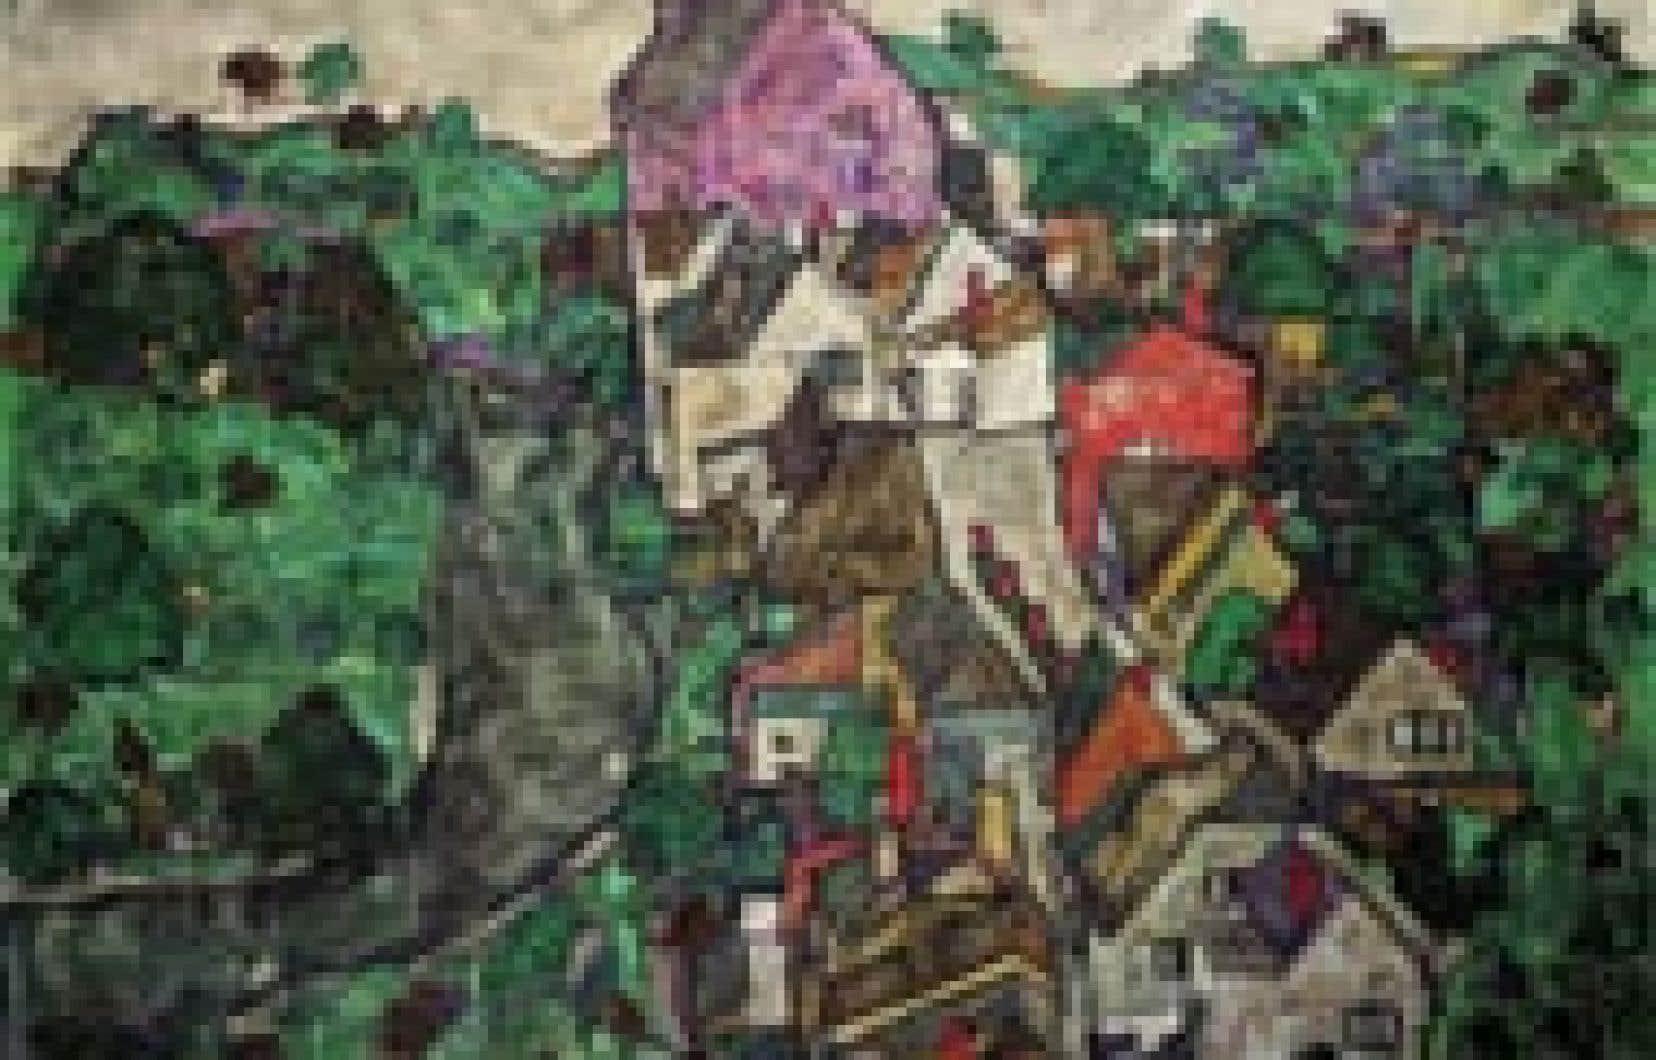 Un tableau du peintre expressionniste autrichien Egon Schiele, volé par les nazis en 1938, a atteint la somme de 12 660 000 livres (21 millions $US) lors d'une vente aux enchères organisée lundi à Londres chez Sotheby, rapportait hier le quotidien br